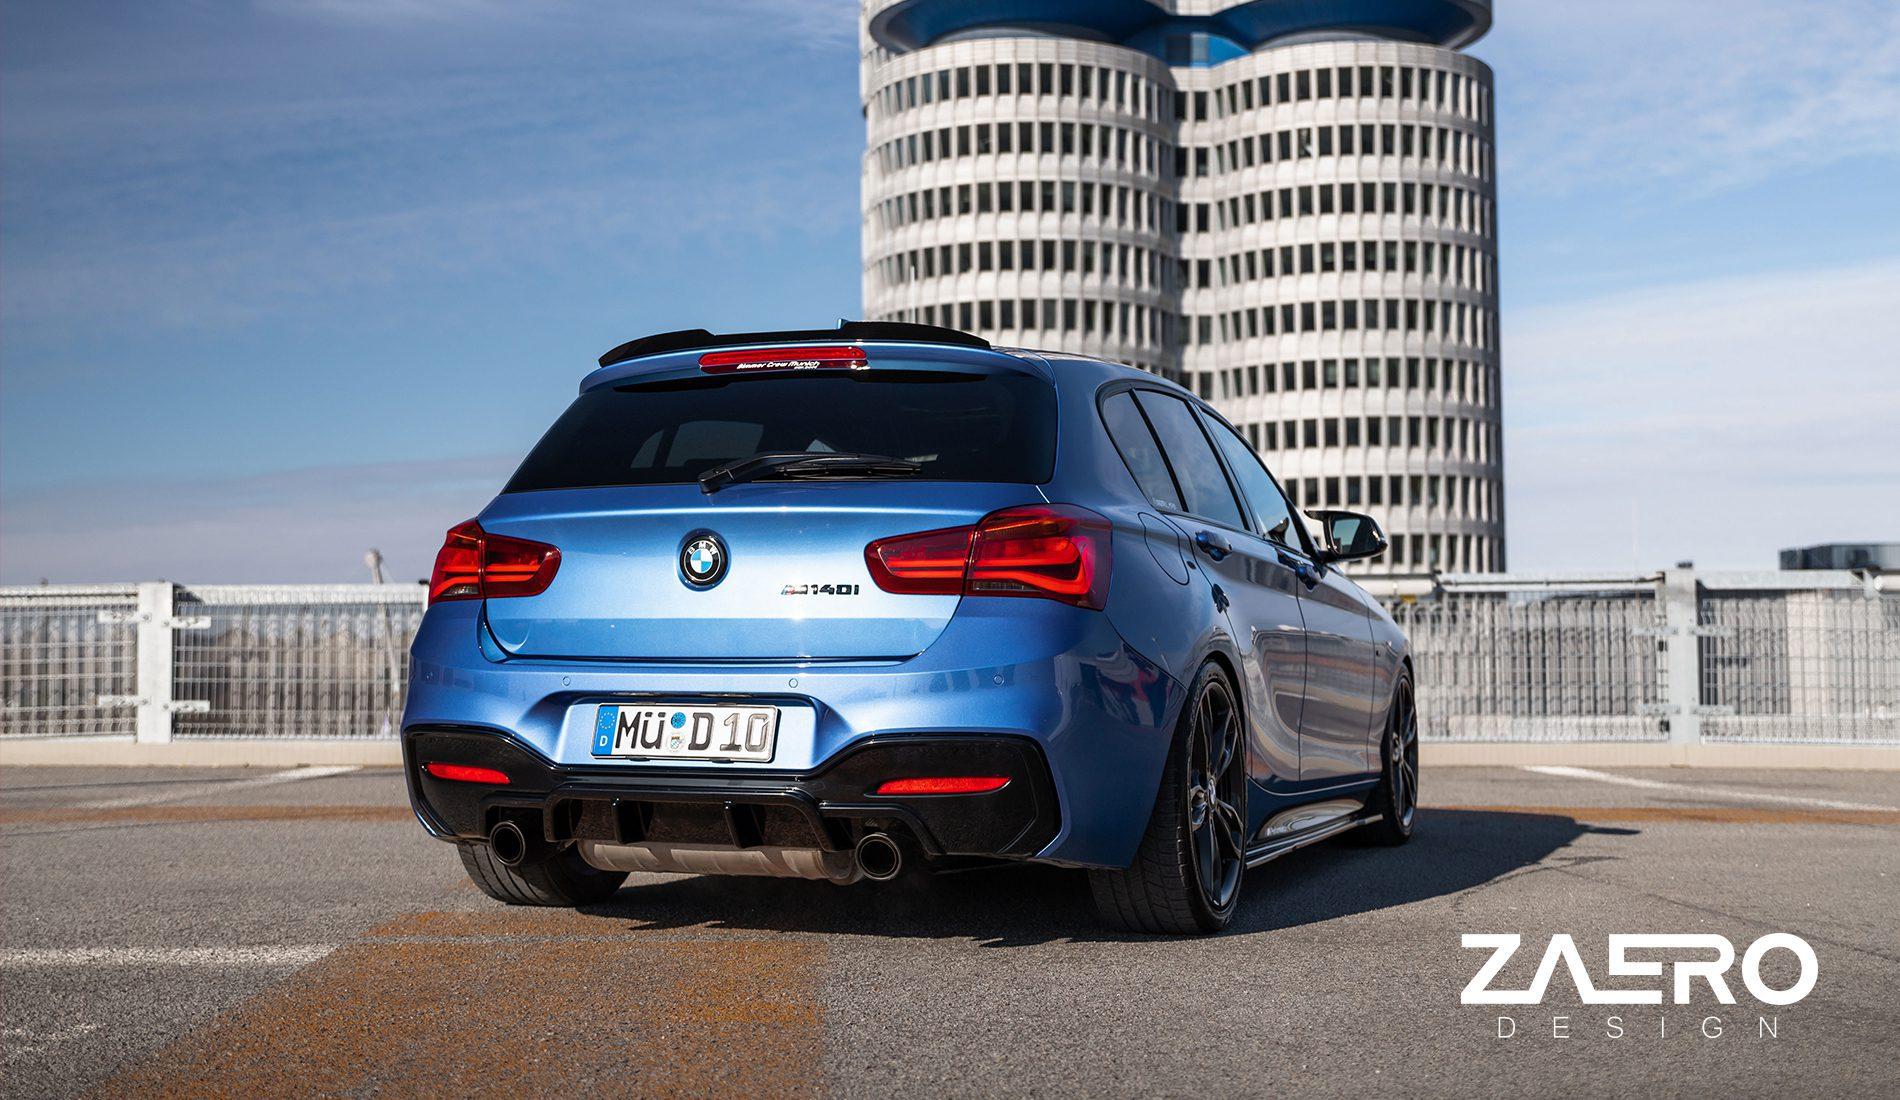 ZAERO-DESIGN-EVO-1-SIDE-SKIRT-EXTENSION-FOR-BMW-1-SERIES-116i-118i-120i-125i-M135-M140-F20-F21-LCI-SPOILER-BODYKIT-SPLITTER